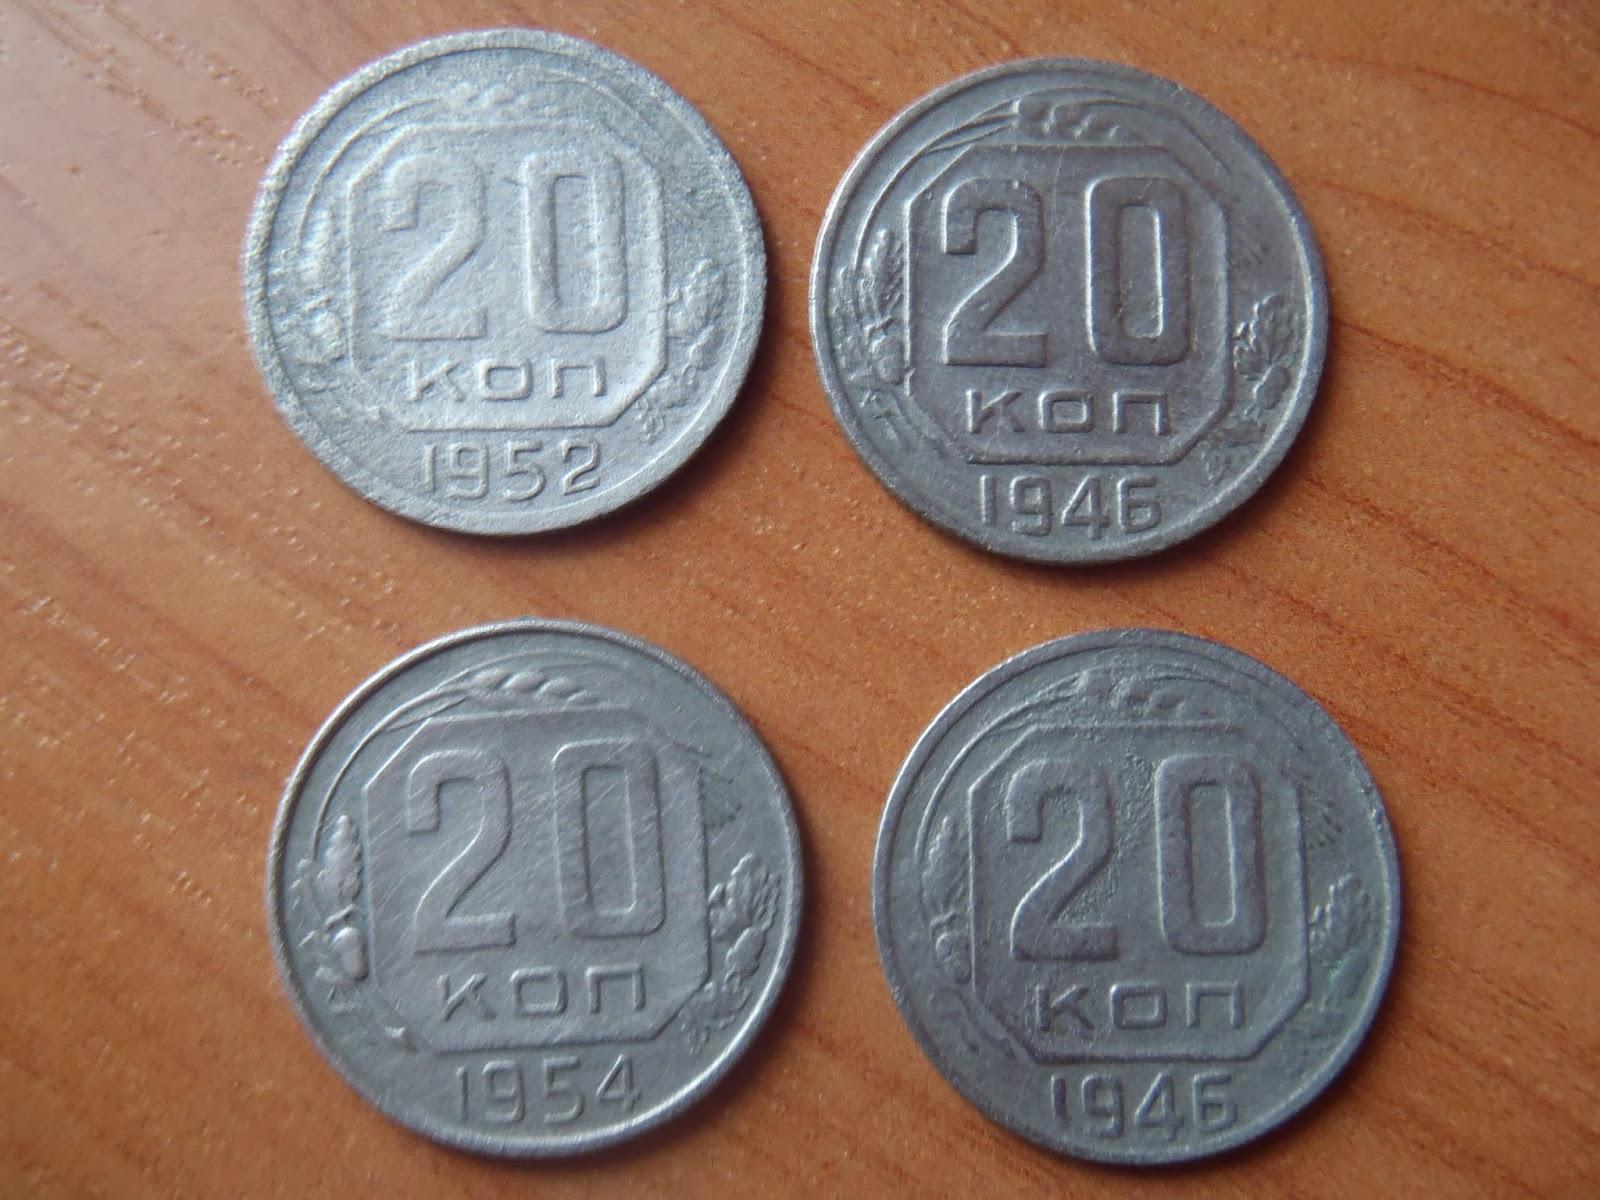 Как чистить монеты ссср до 1961 года фото 100р